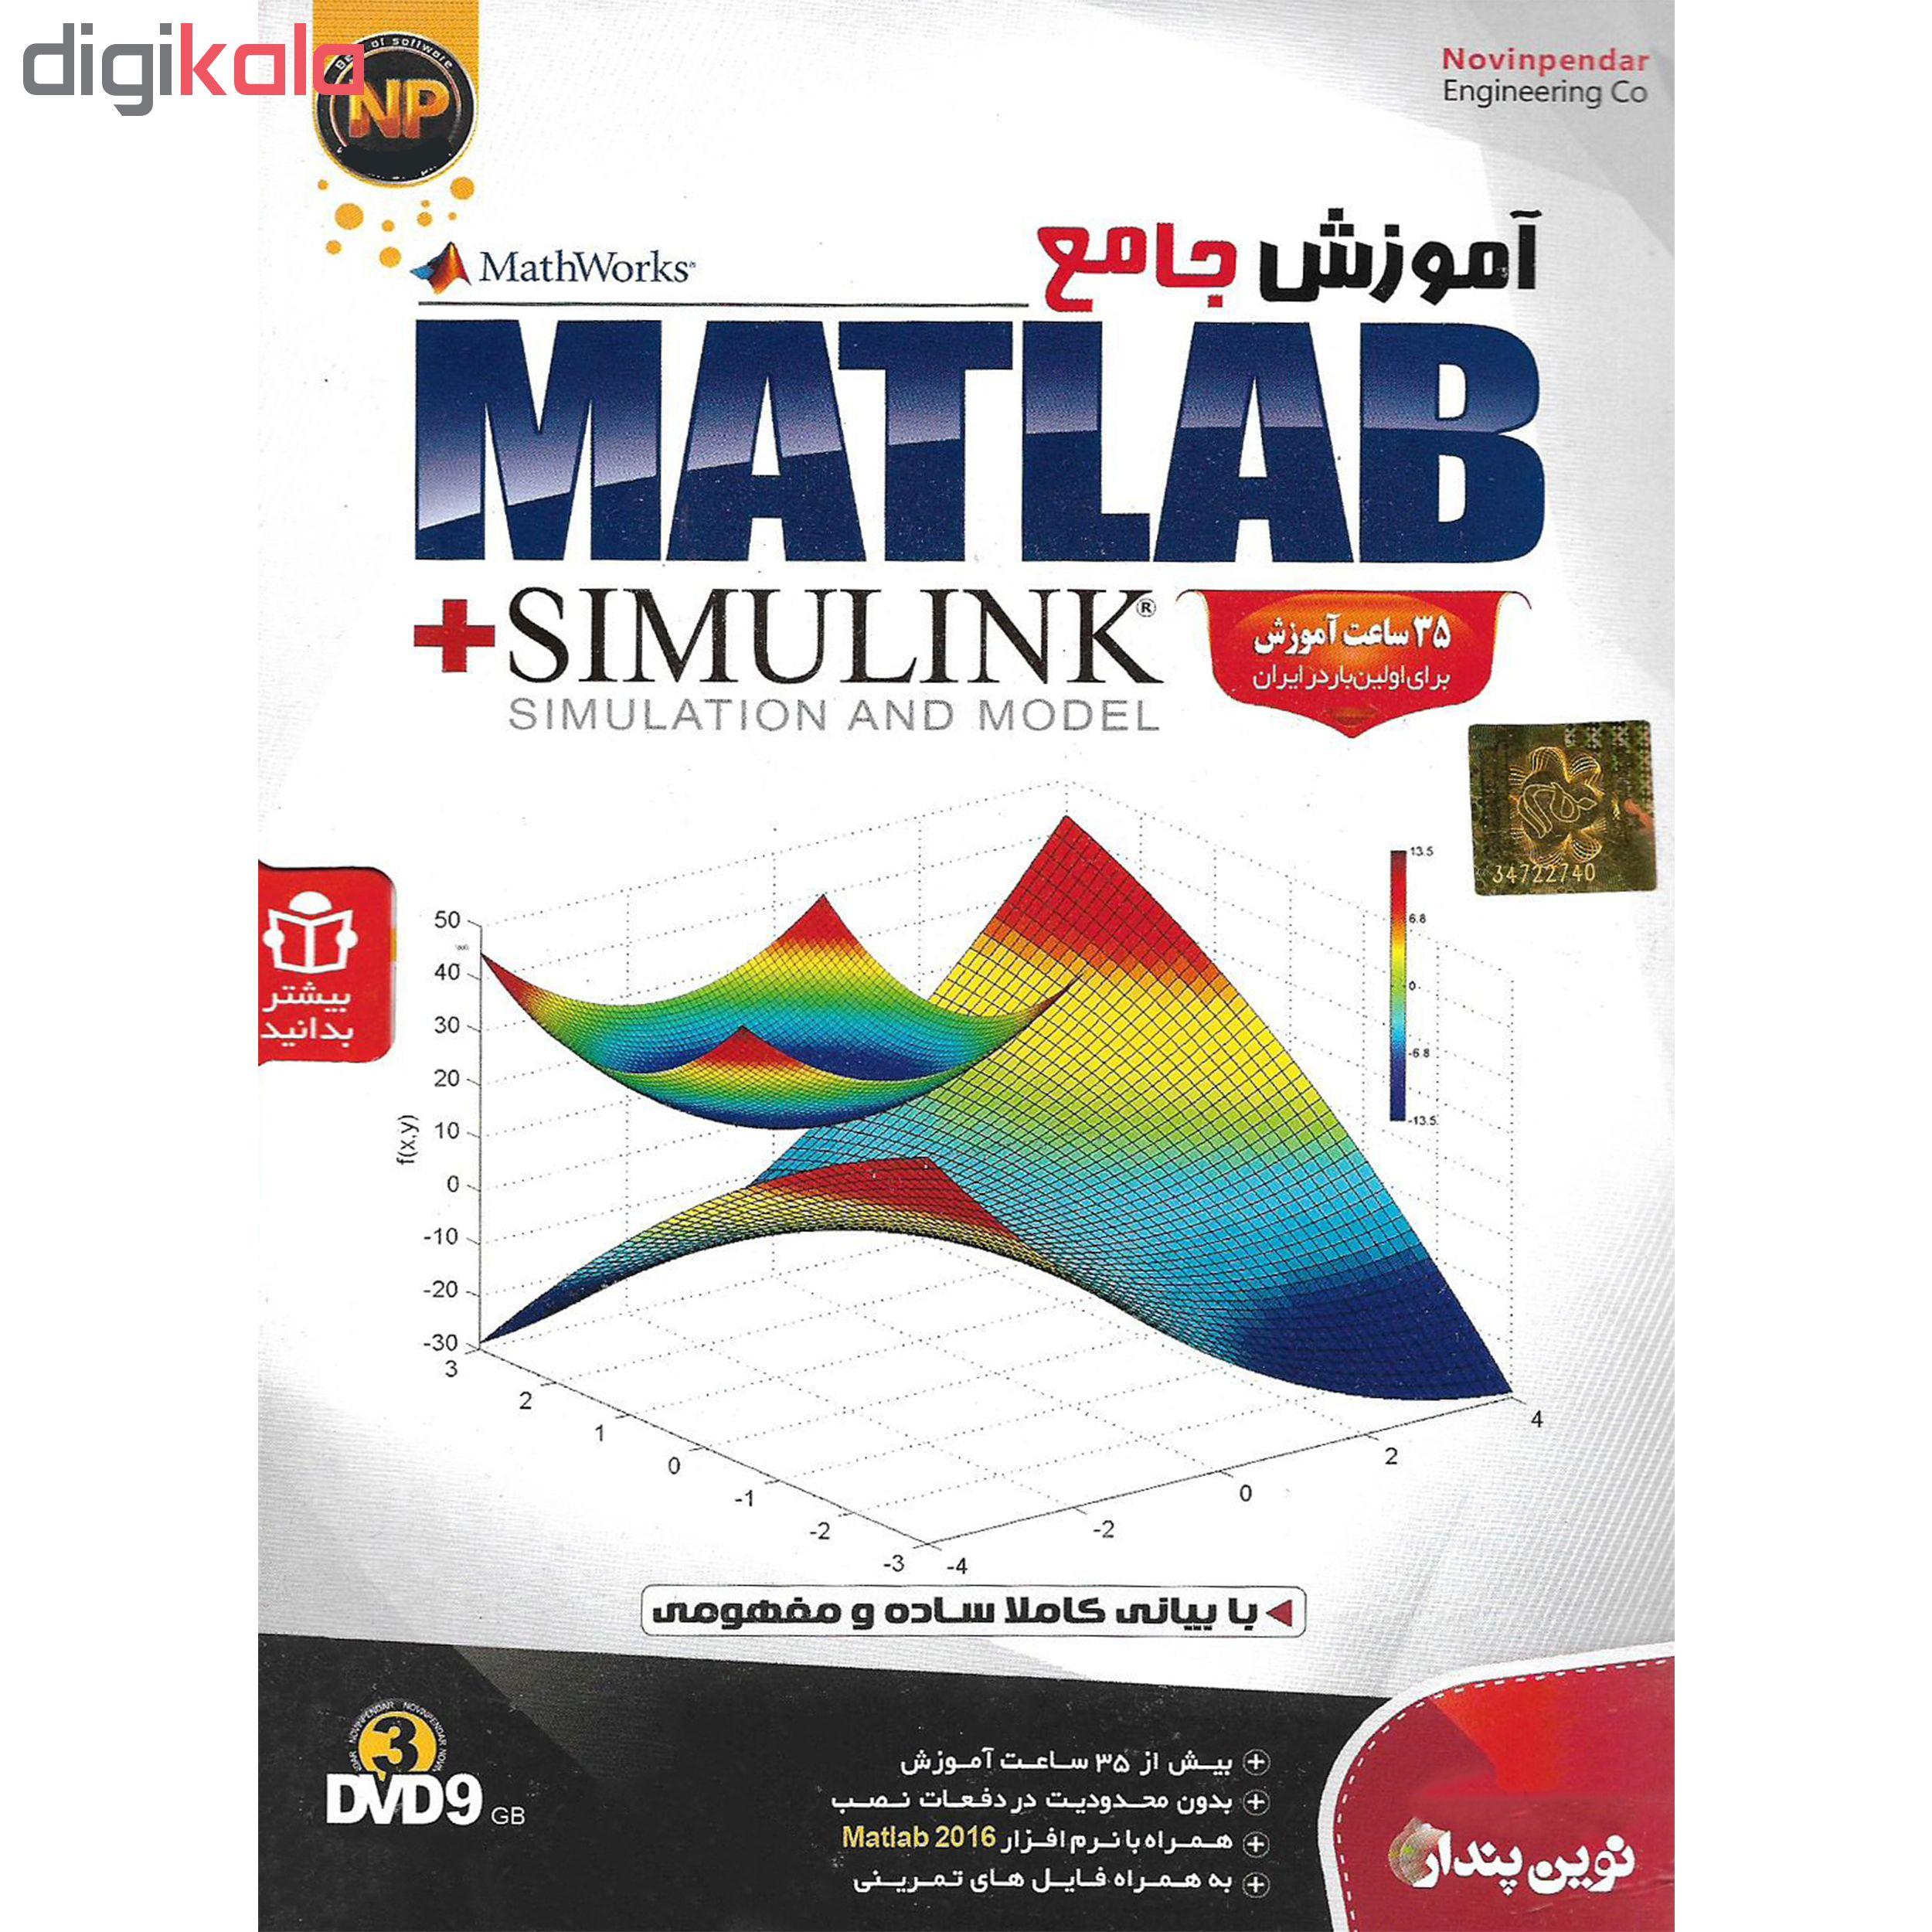 نرم افزار آموزش MATLAB + SIMULINK نشر نوین پندار به همراه نرم افزار آموزش MATLAB به همراه شبکه های عصبی نشر پدیده